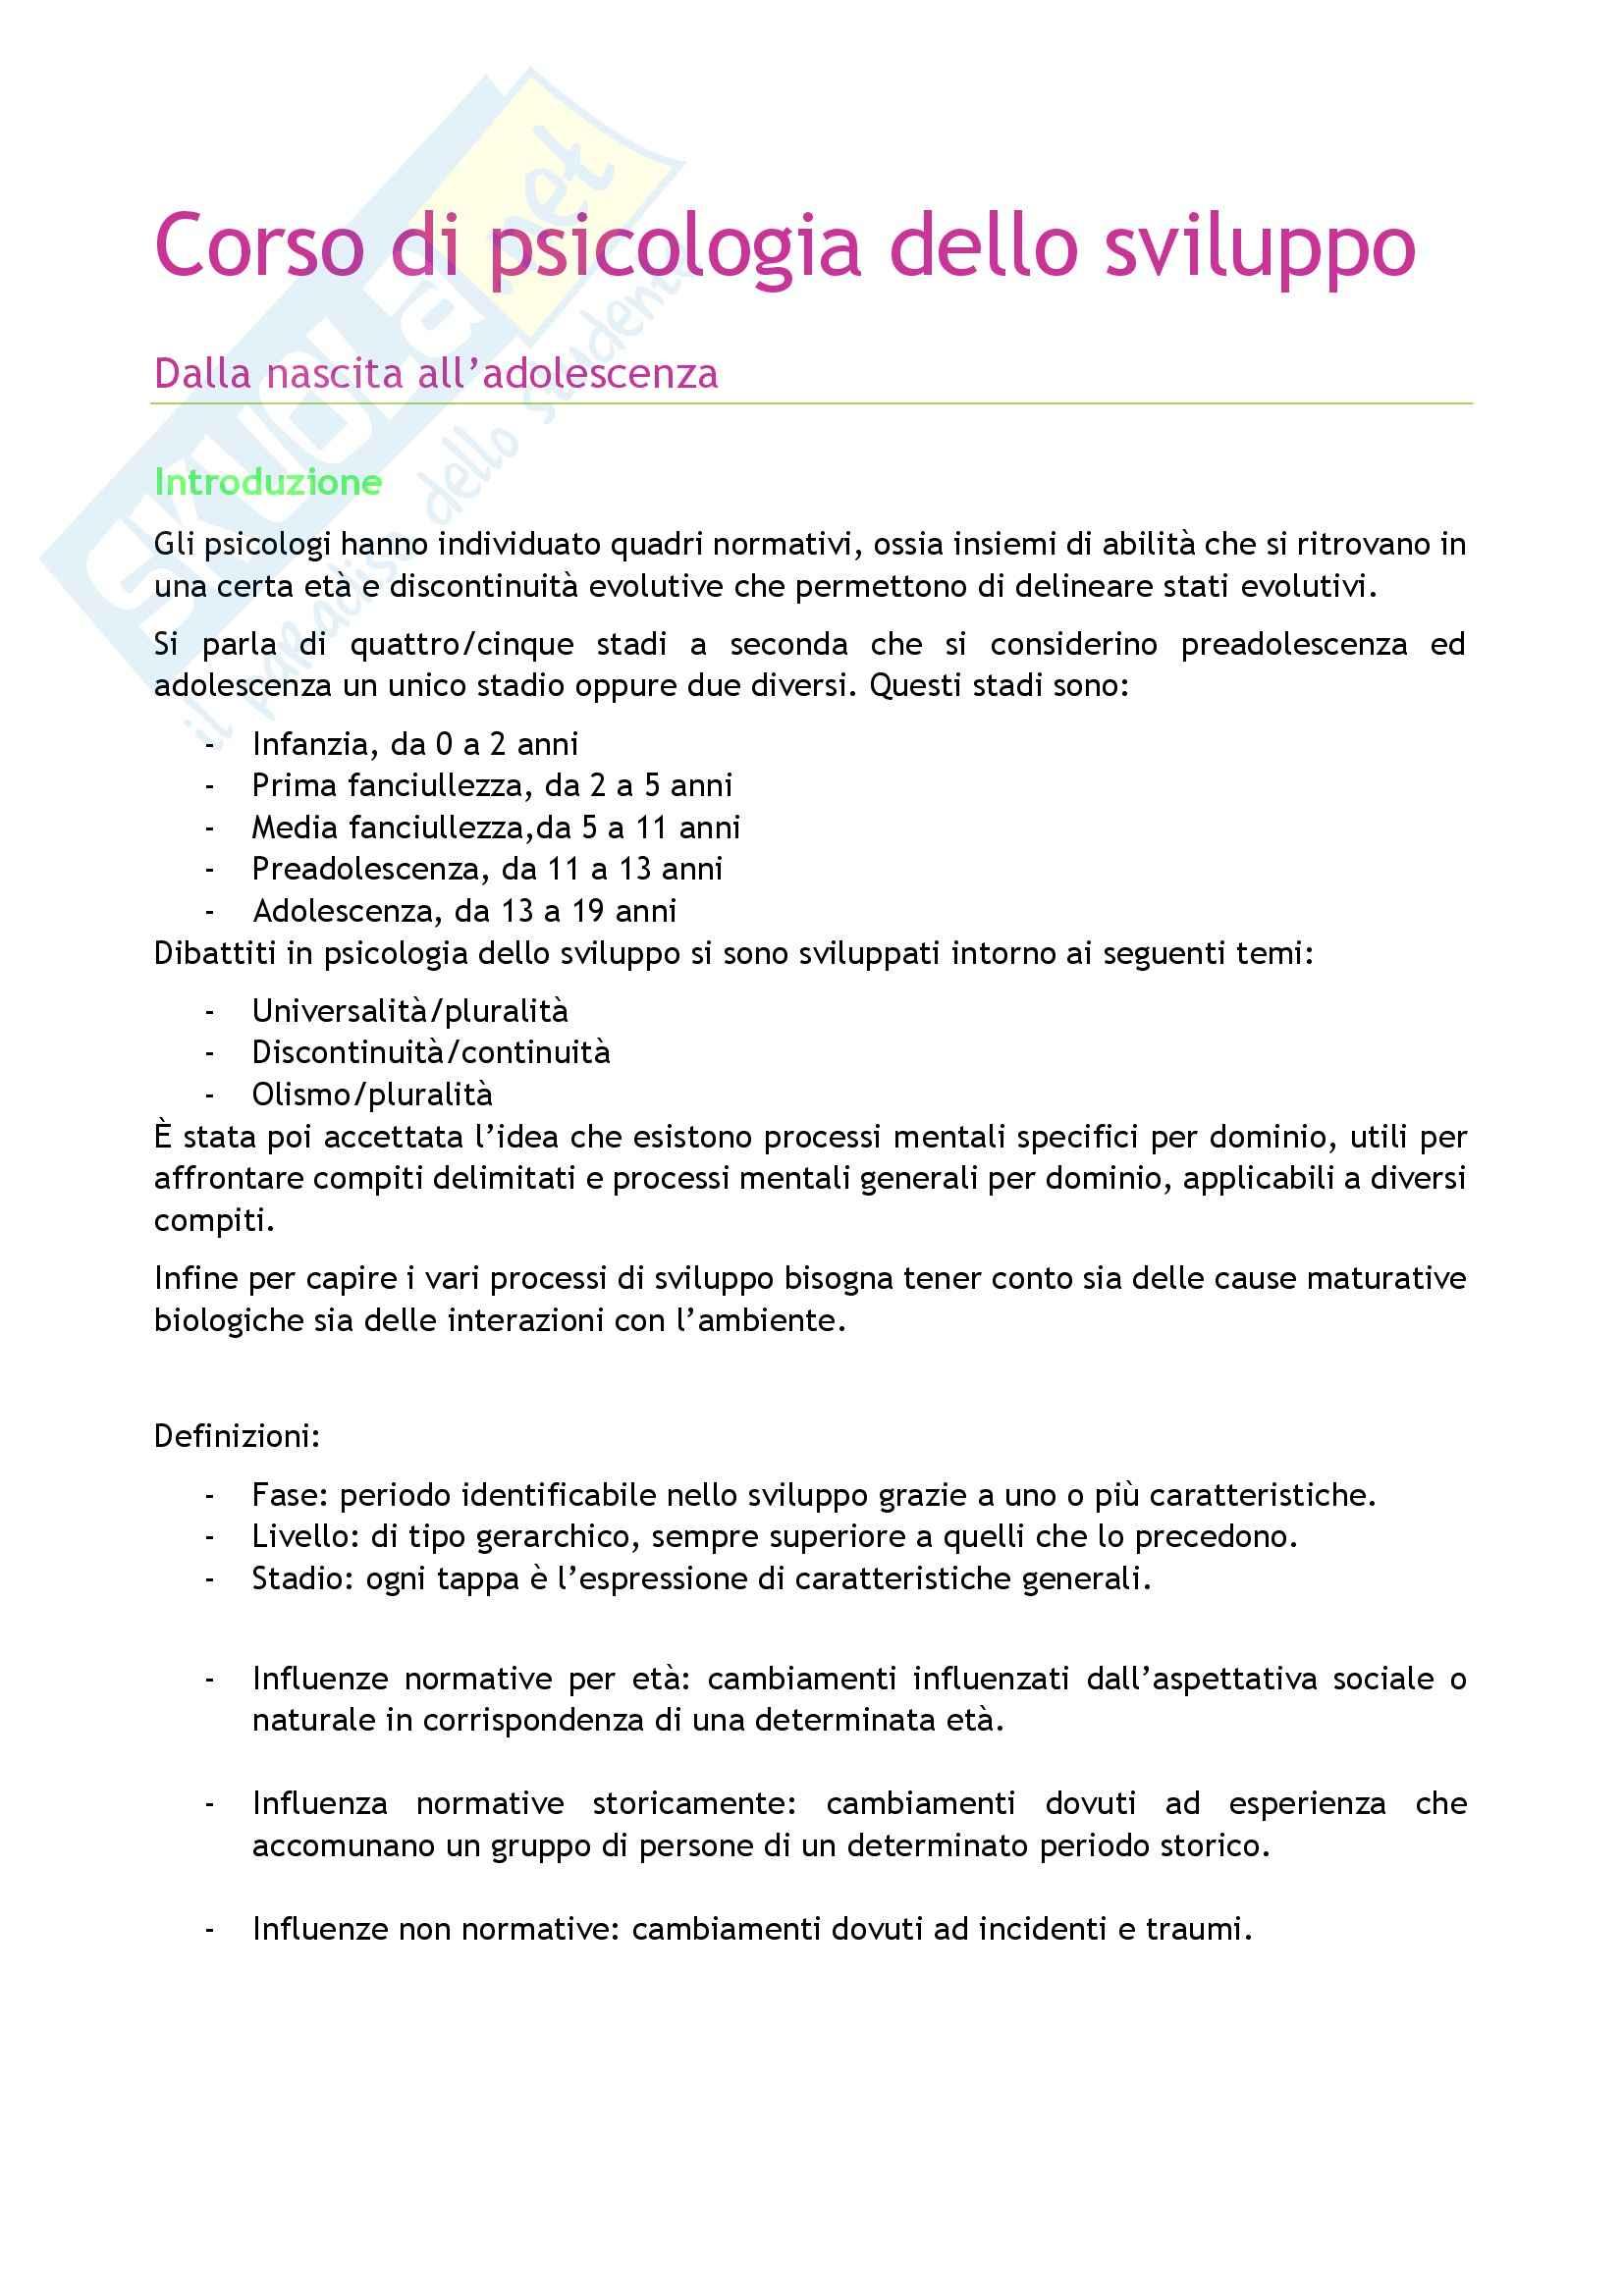 Riassunto esame Psicologia, prof. Caprin, libro consigliato Corso di psicologia dello sviluppo, Berti-Bombi